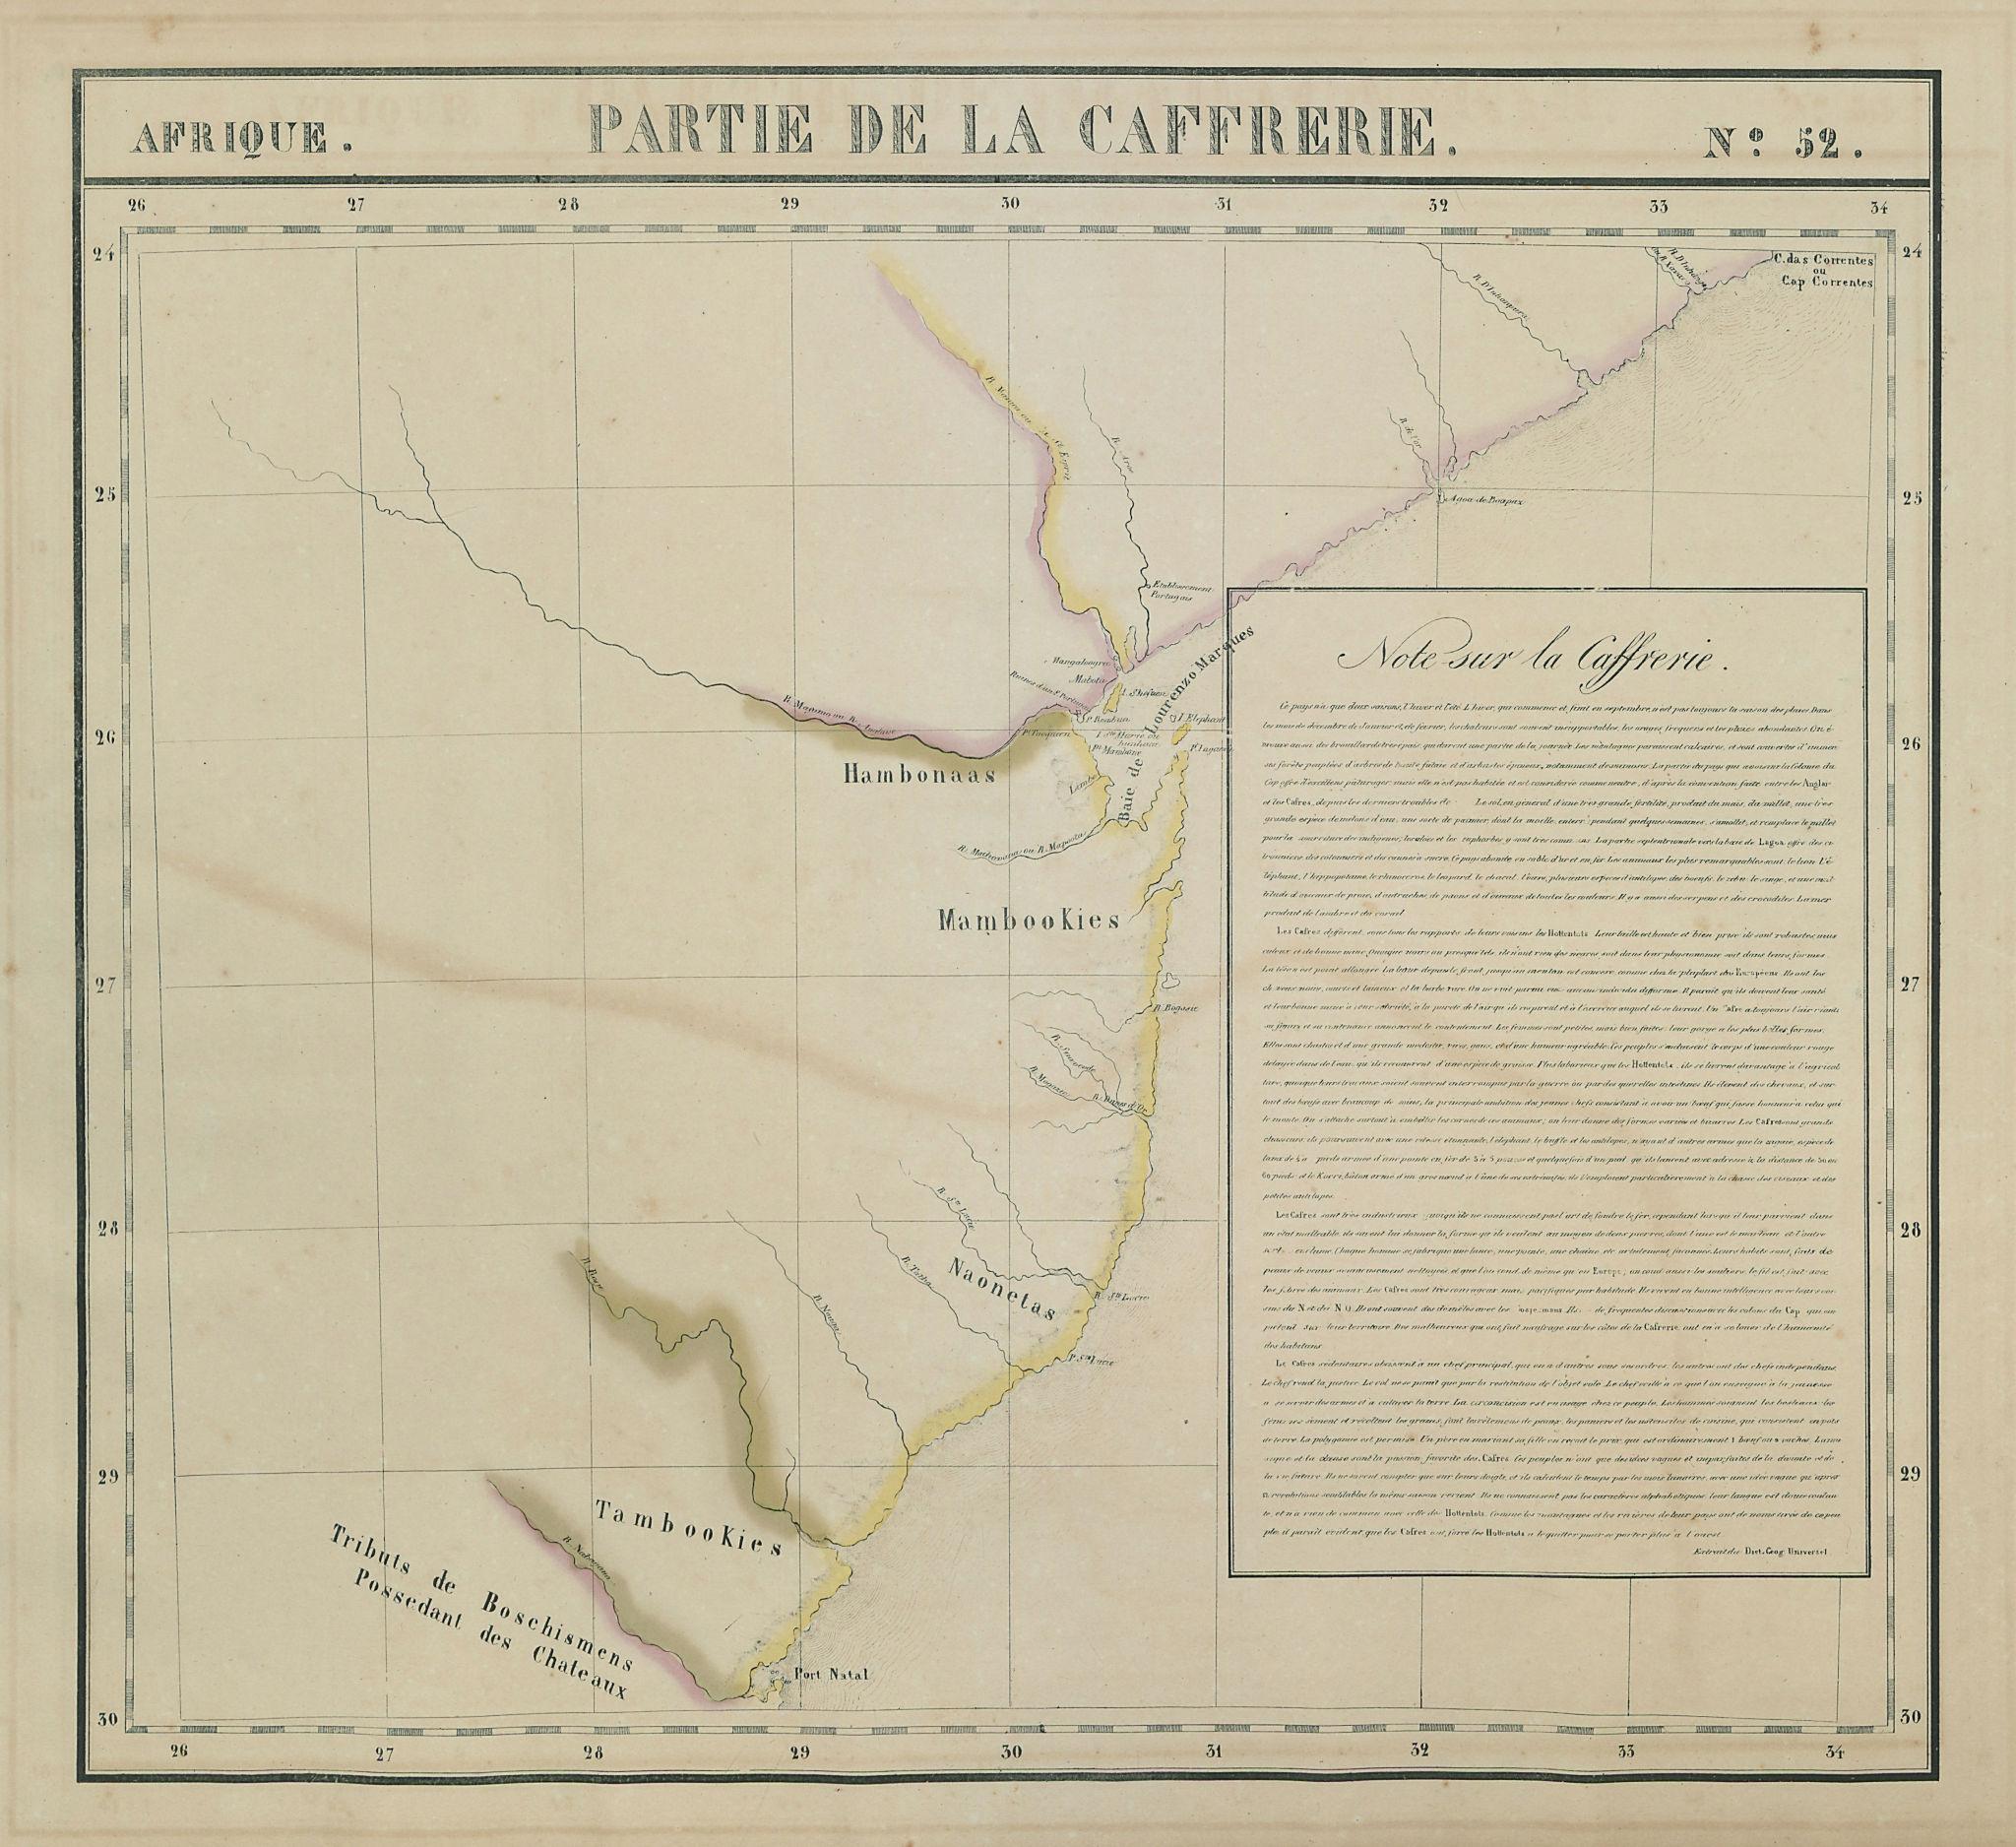 Afrique Partie de la Caffrerie 52 Kwazulu-Natal Mozambique VANDERMAELEN 1827 map